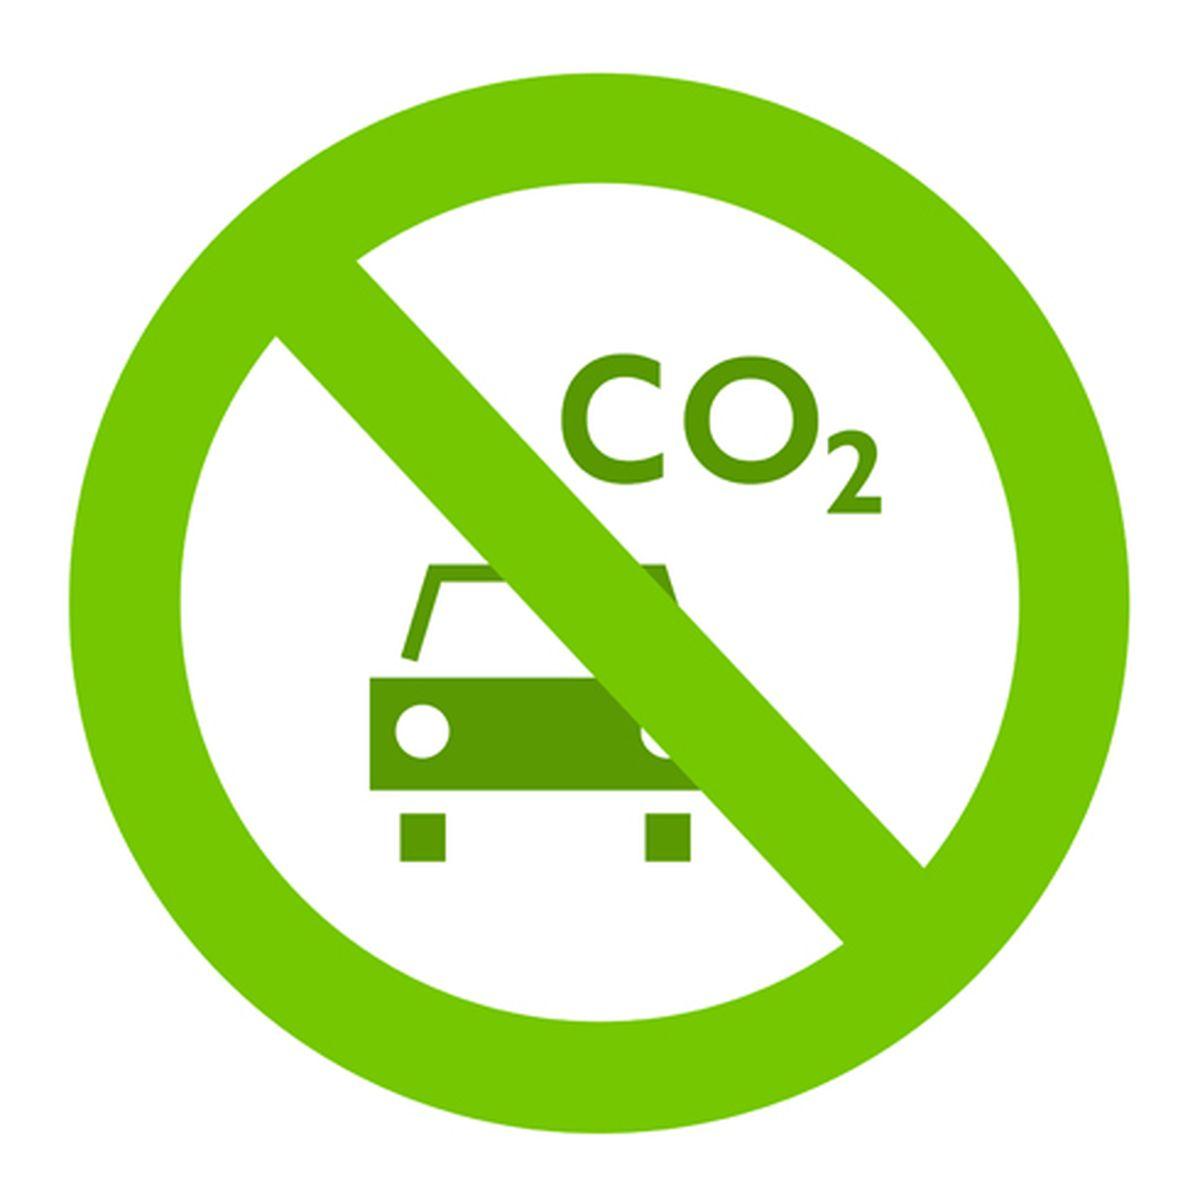 zero-emission-co2